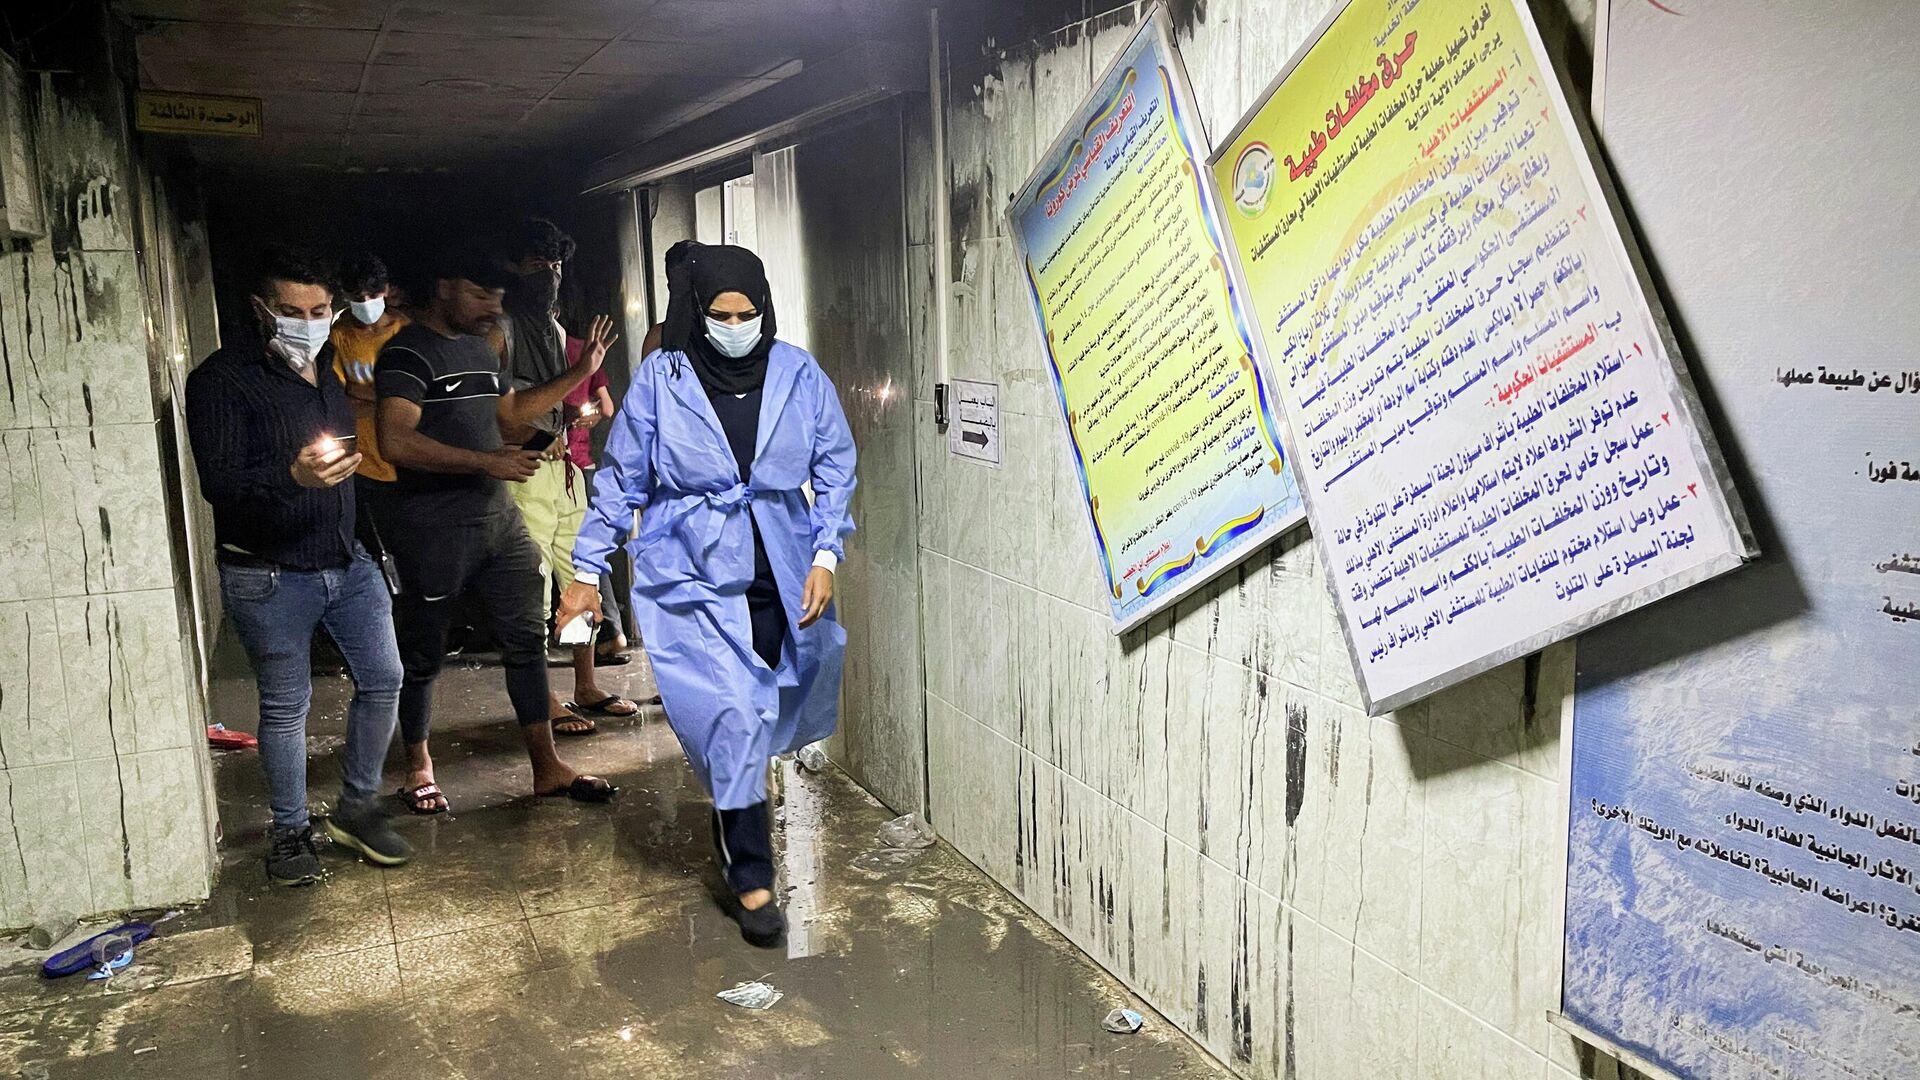 На месте пожара в больнице, предназначенной для пациентов с коронавирусной инфекцией, в Багдаде, Ирак - РИА Новости, 1920, 25.04.2021